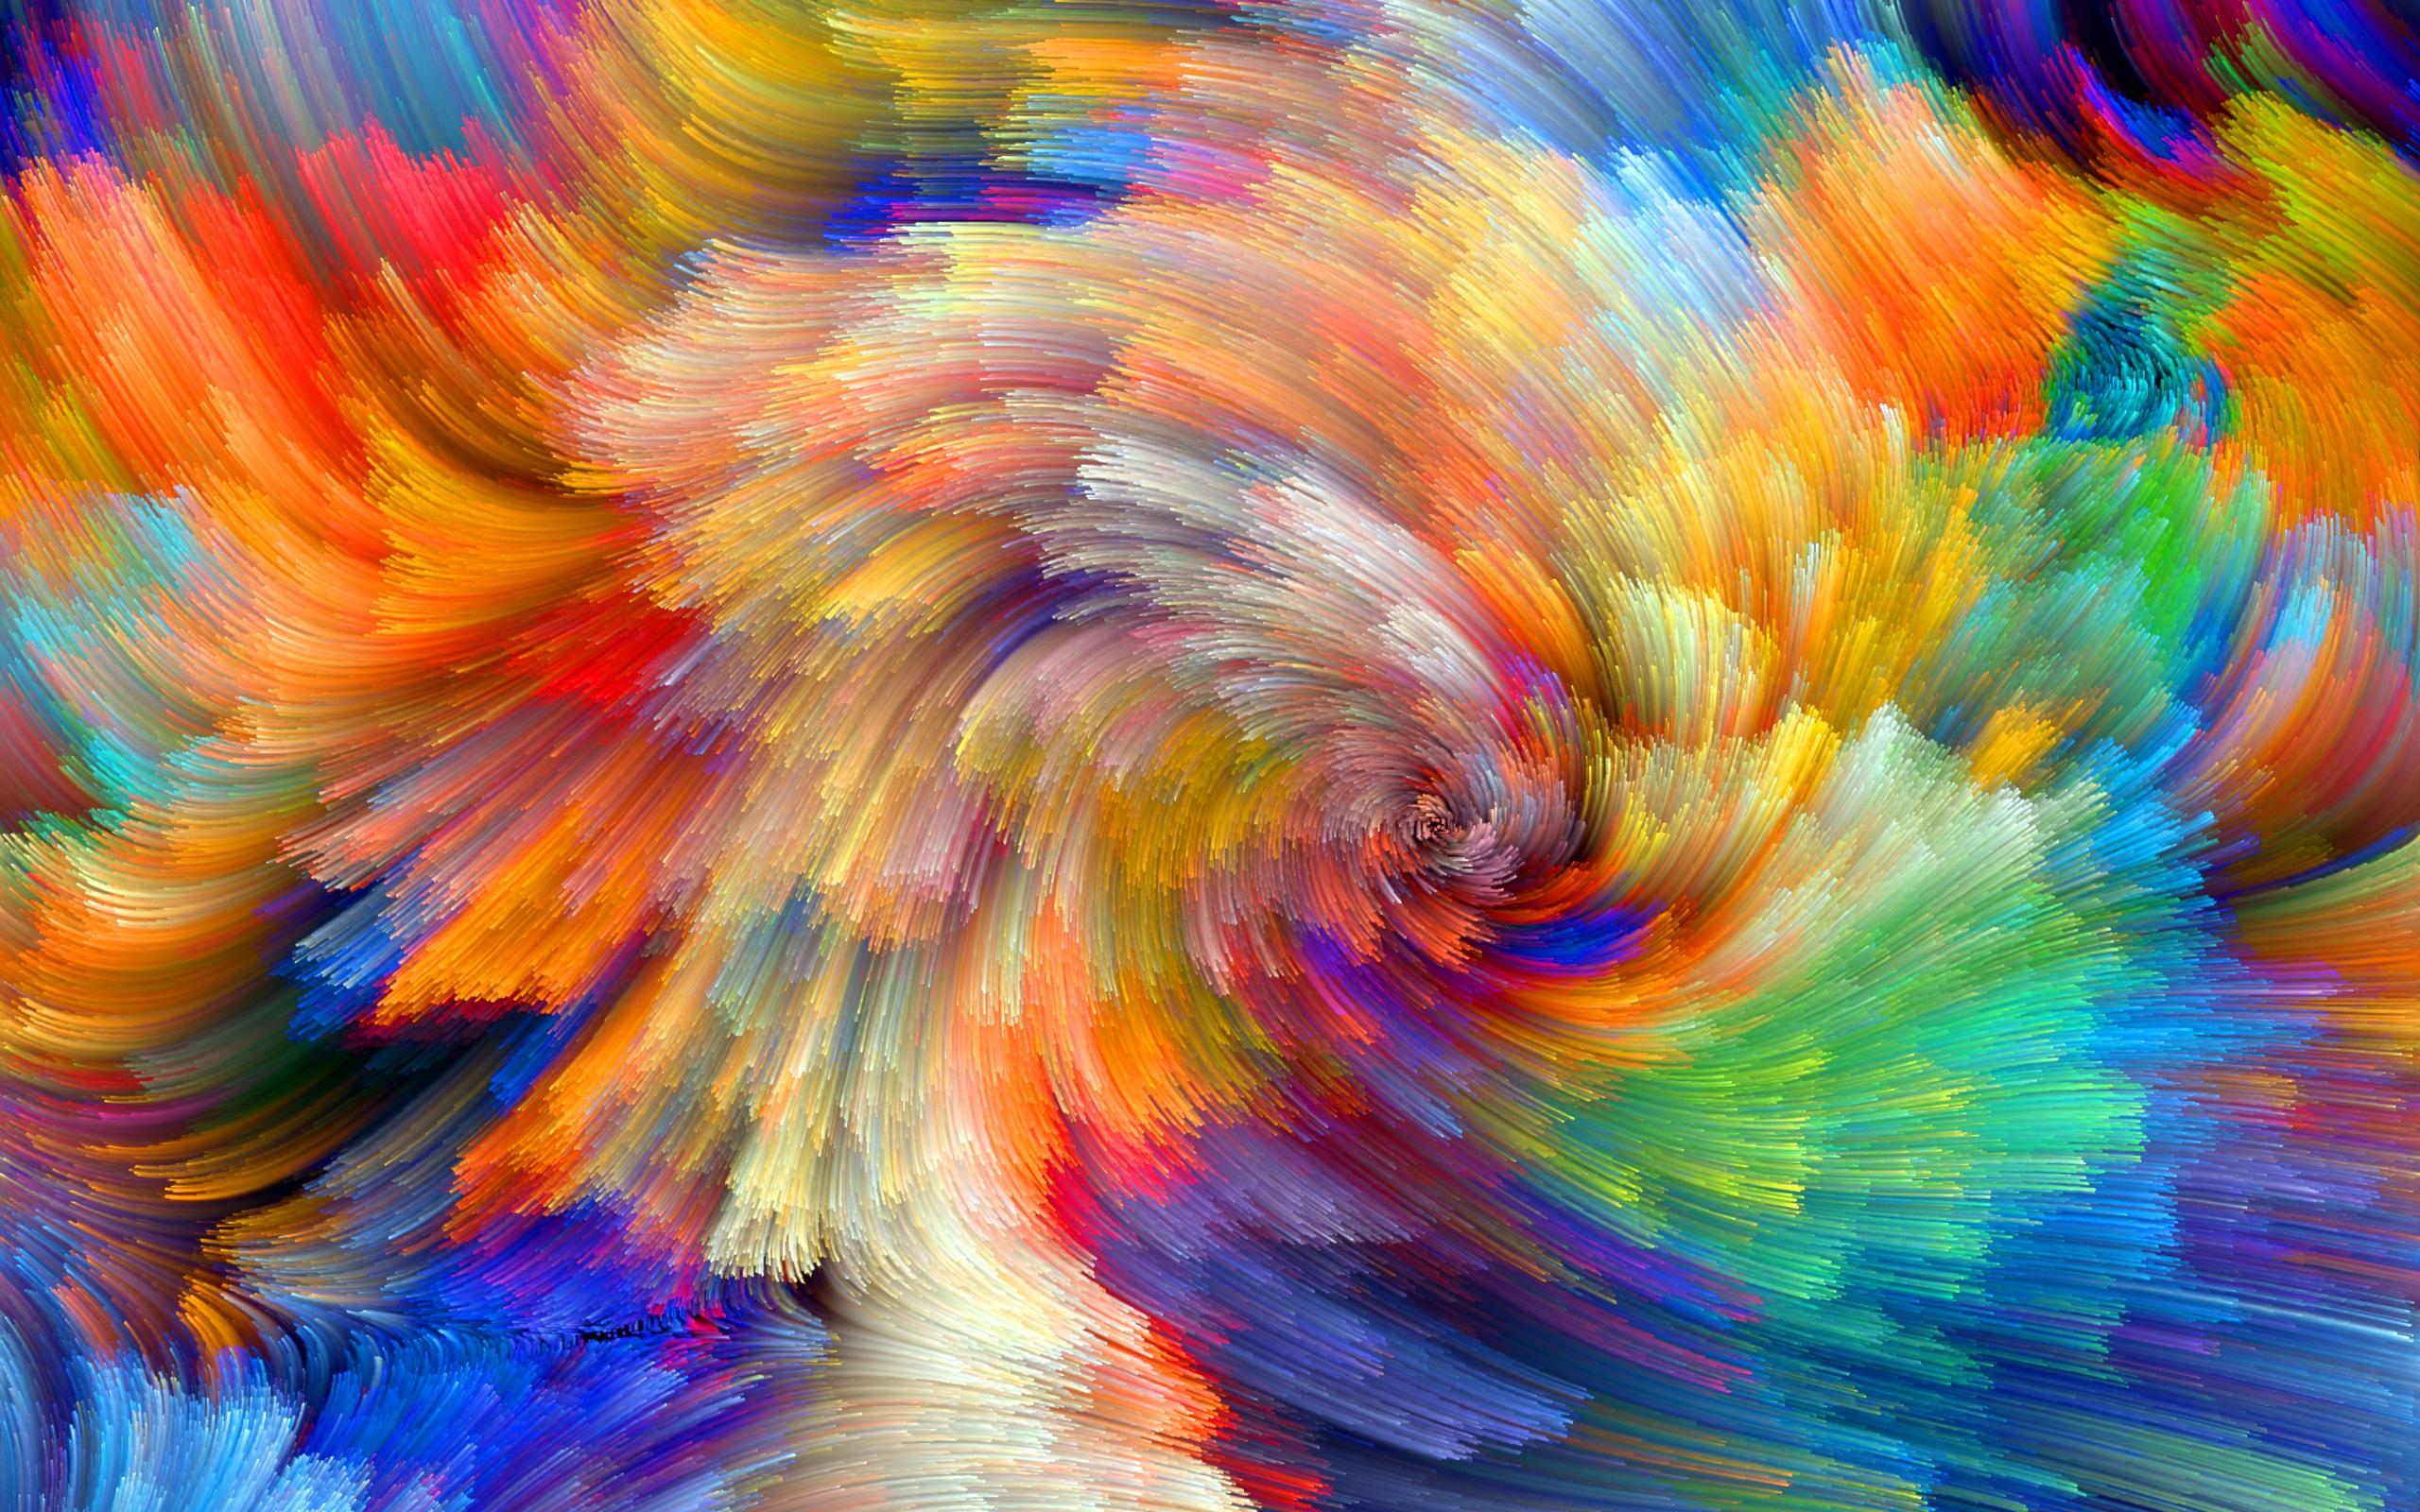 Modelo del arco iris l neas de colores cuadros for Imagenes de cuadros abstractos grandes